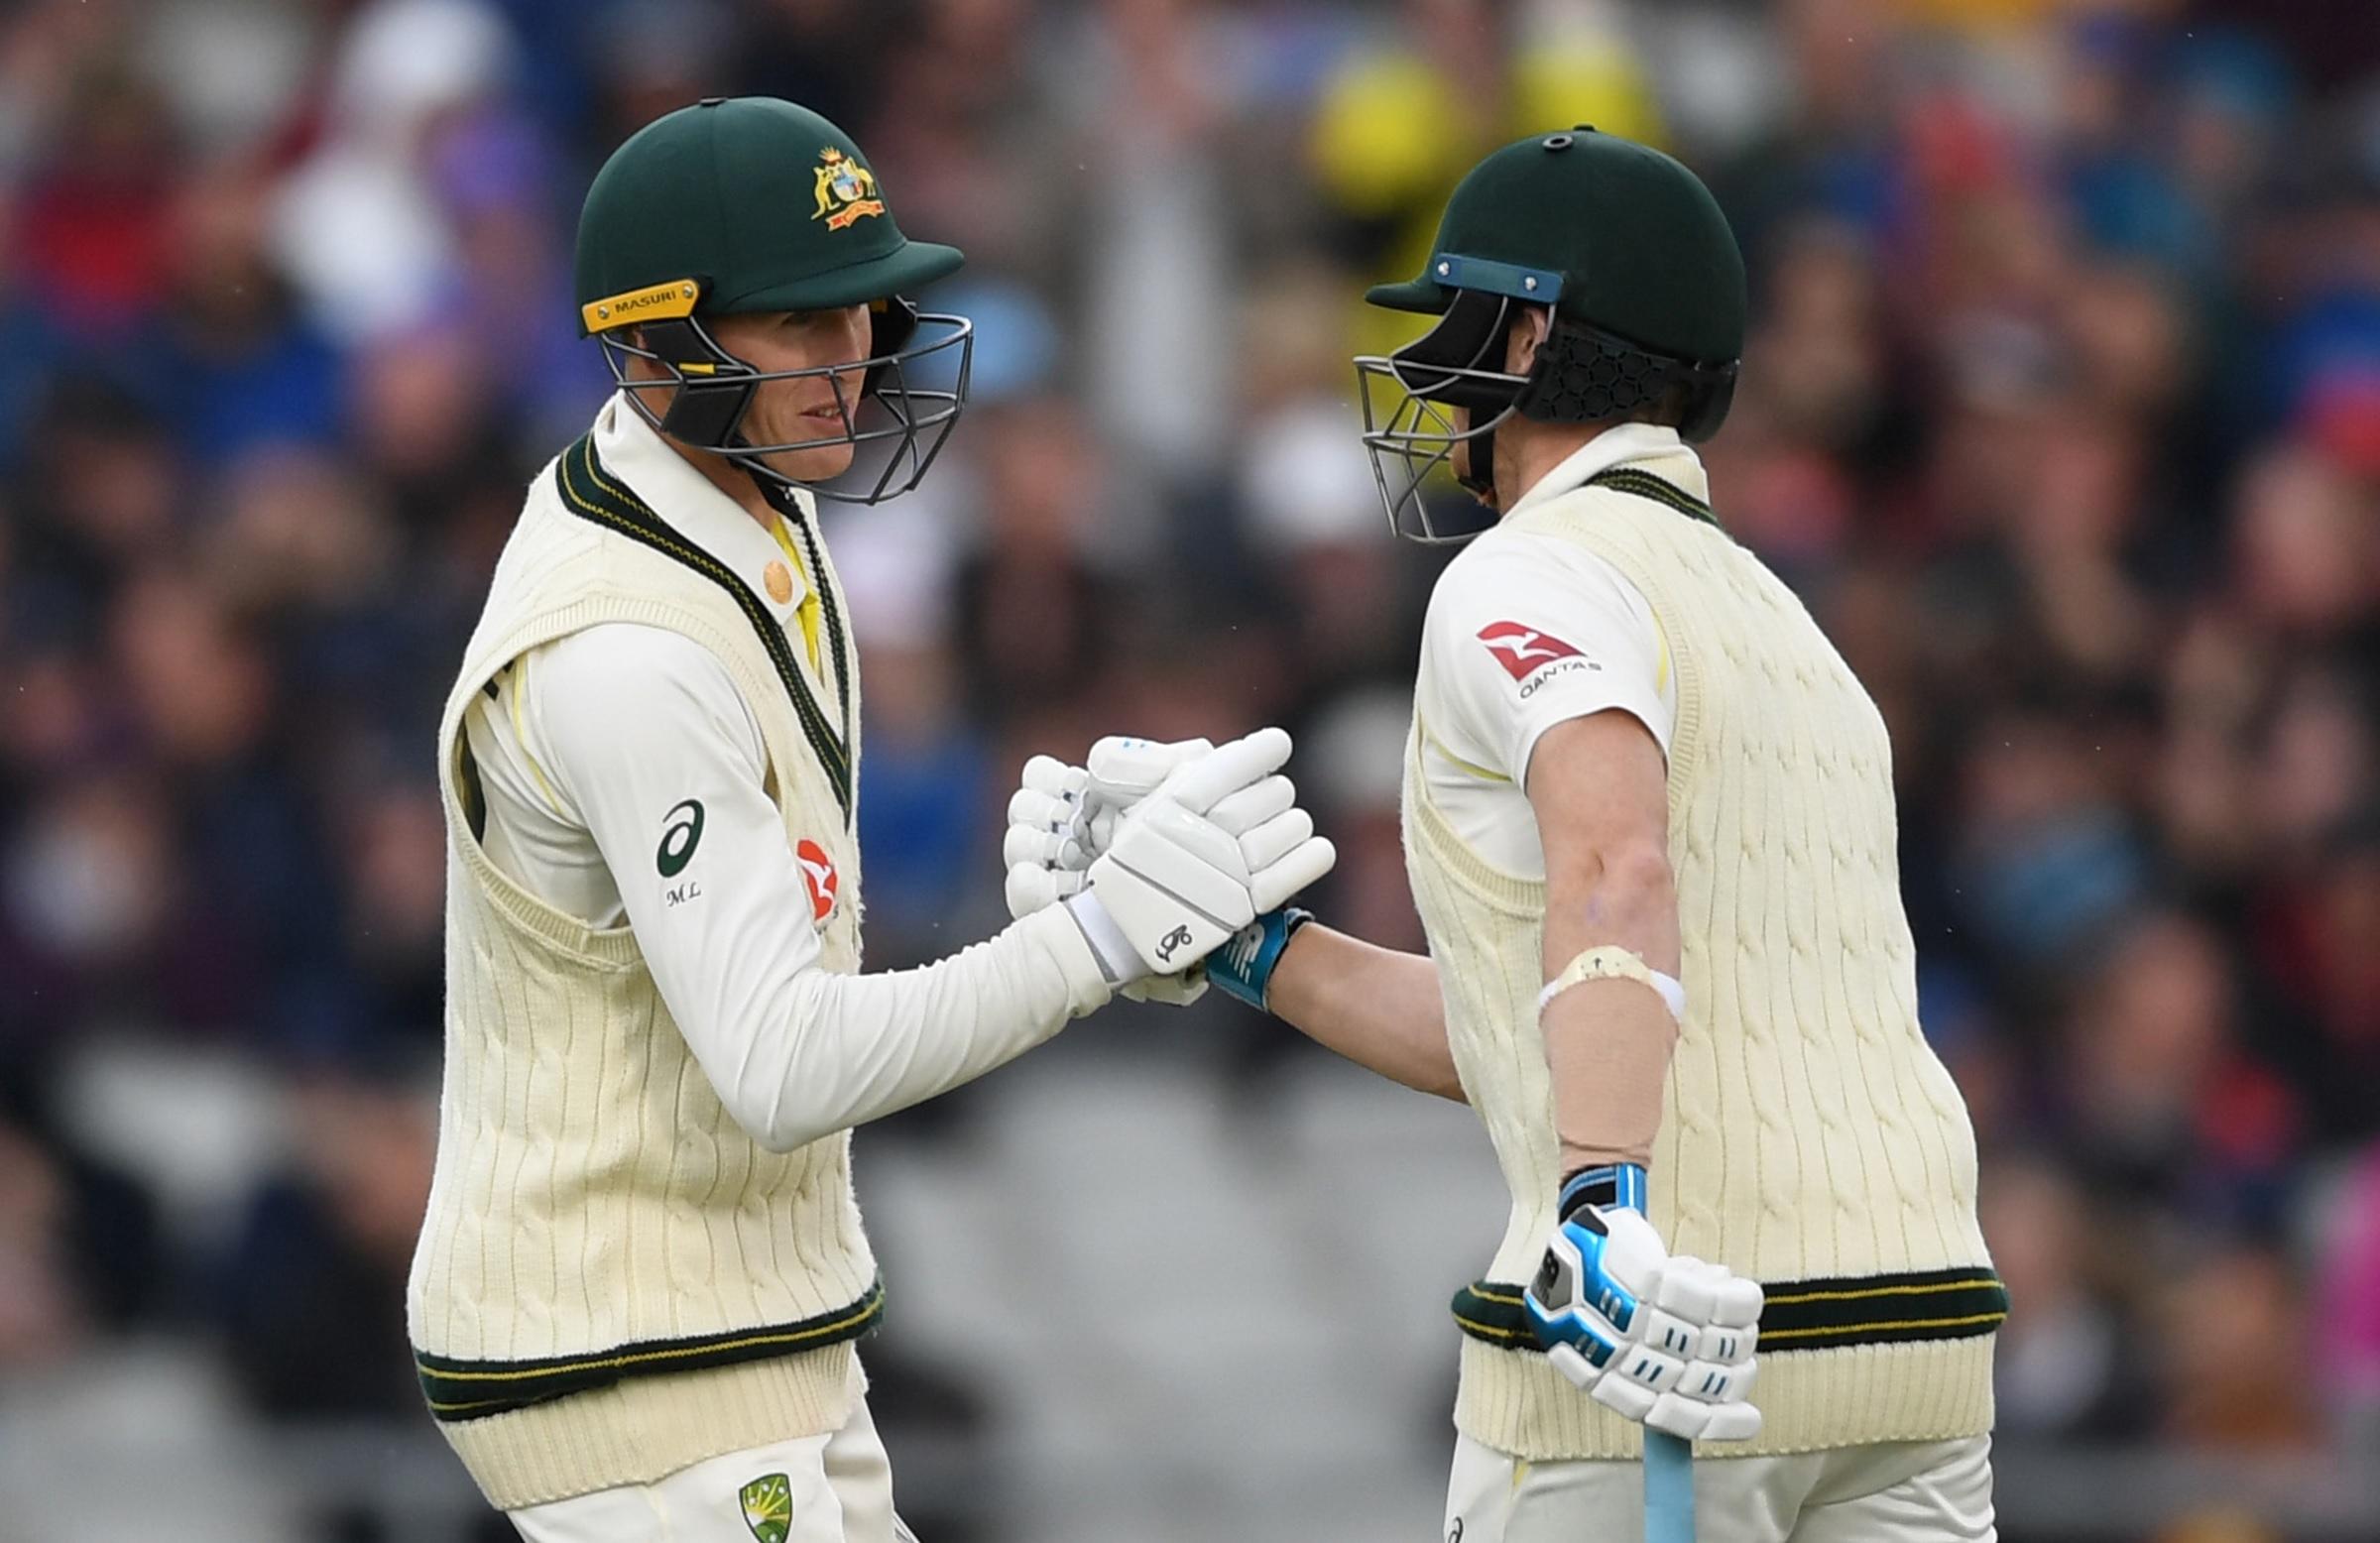 ৫ ব্যাটসম্যান যারা আইসিসি টেস্ট চ্যাম্পিয়নশিপে করেছেন সবচেয়ে বেশি রান 3